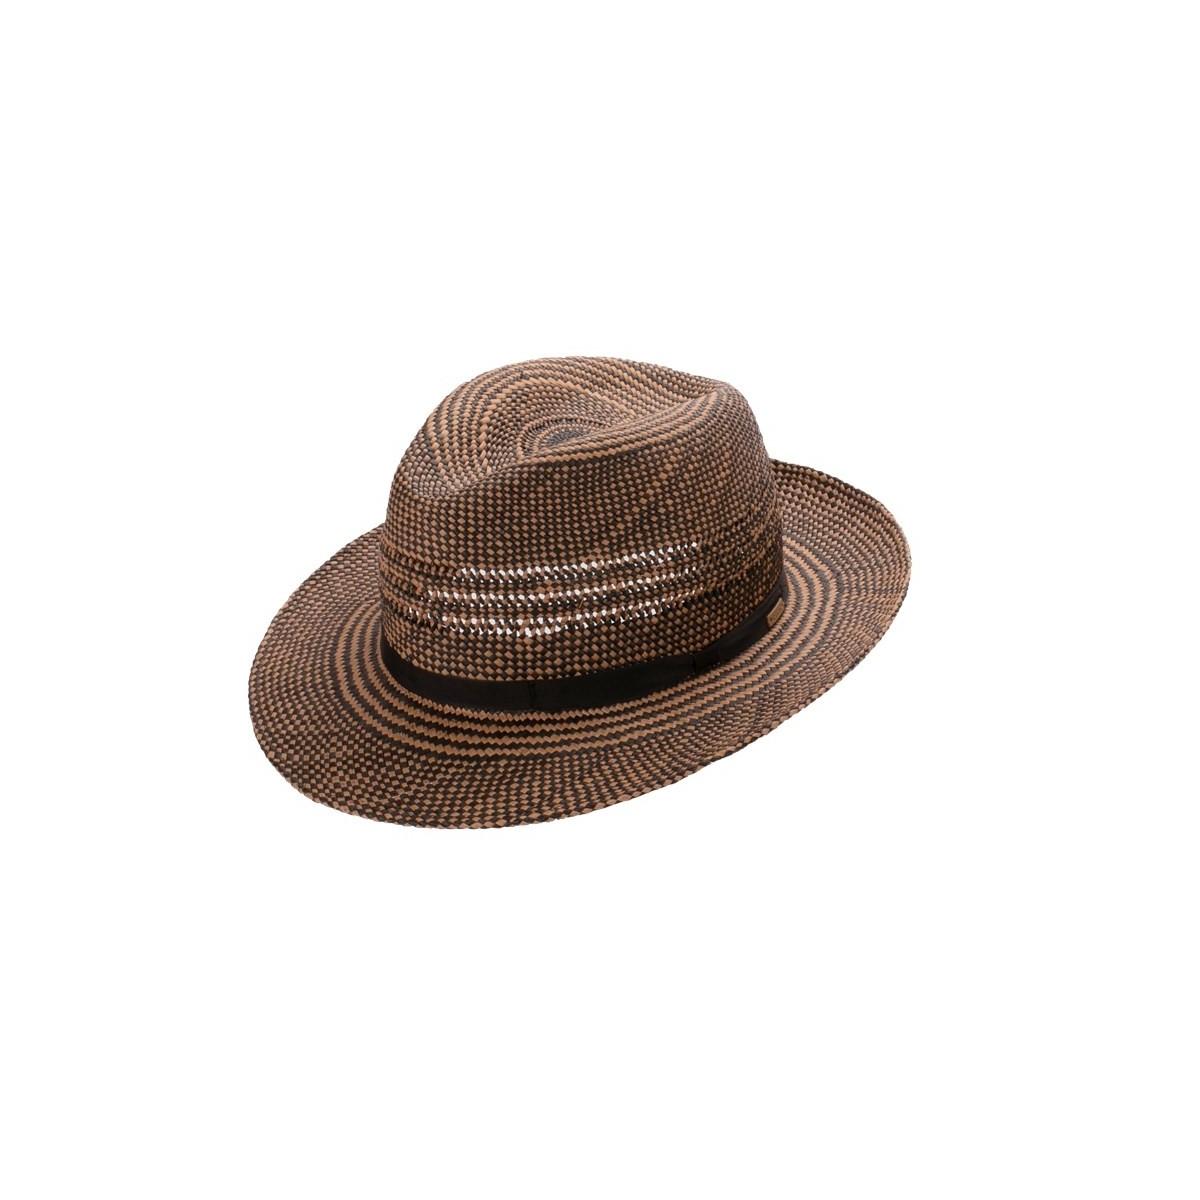 Ekon sombrero de hombre para el verano Fedora en color crean degradado con cinta negra. Fernández y ROCHE